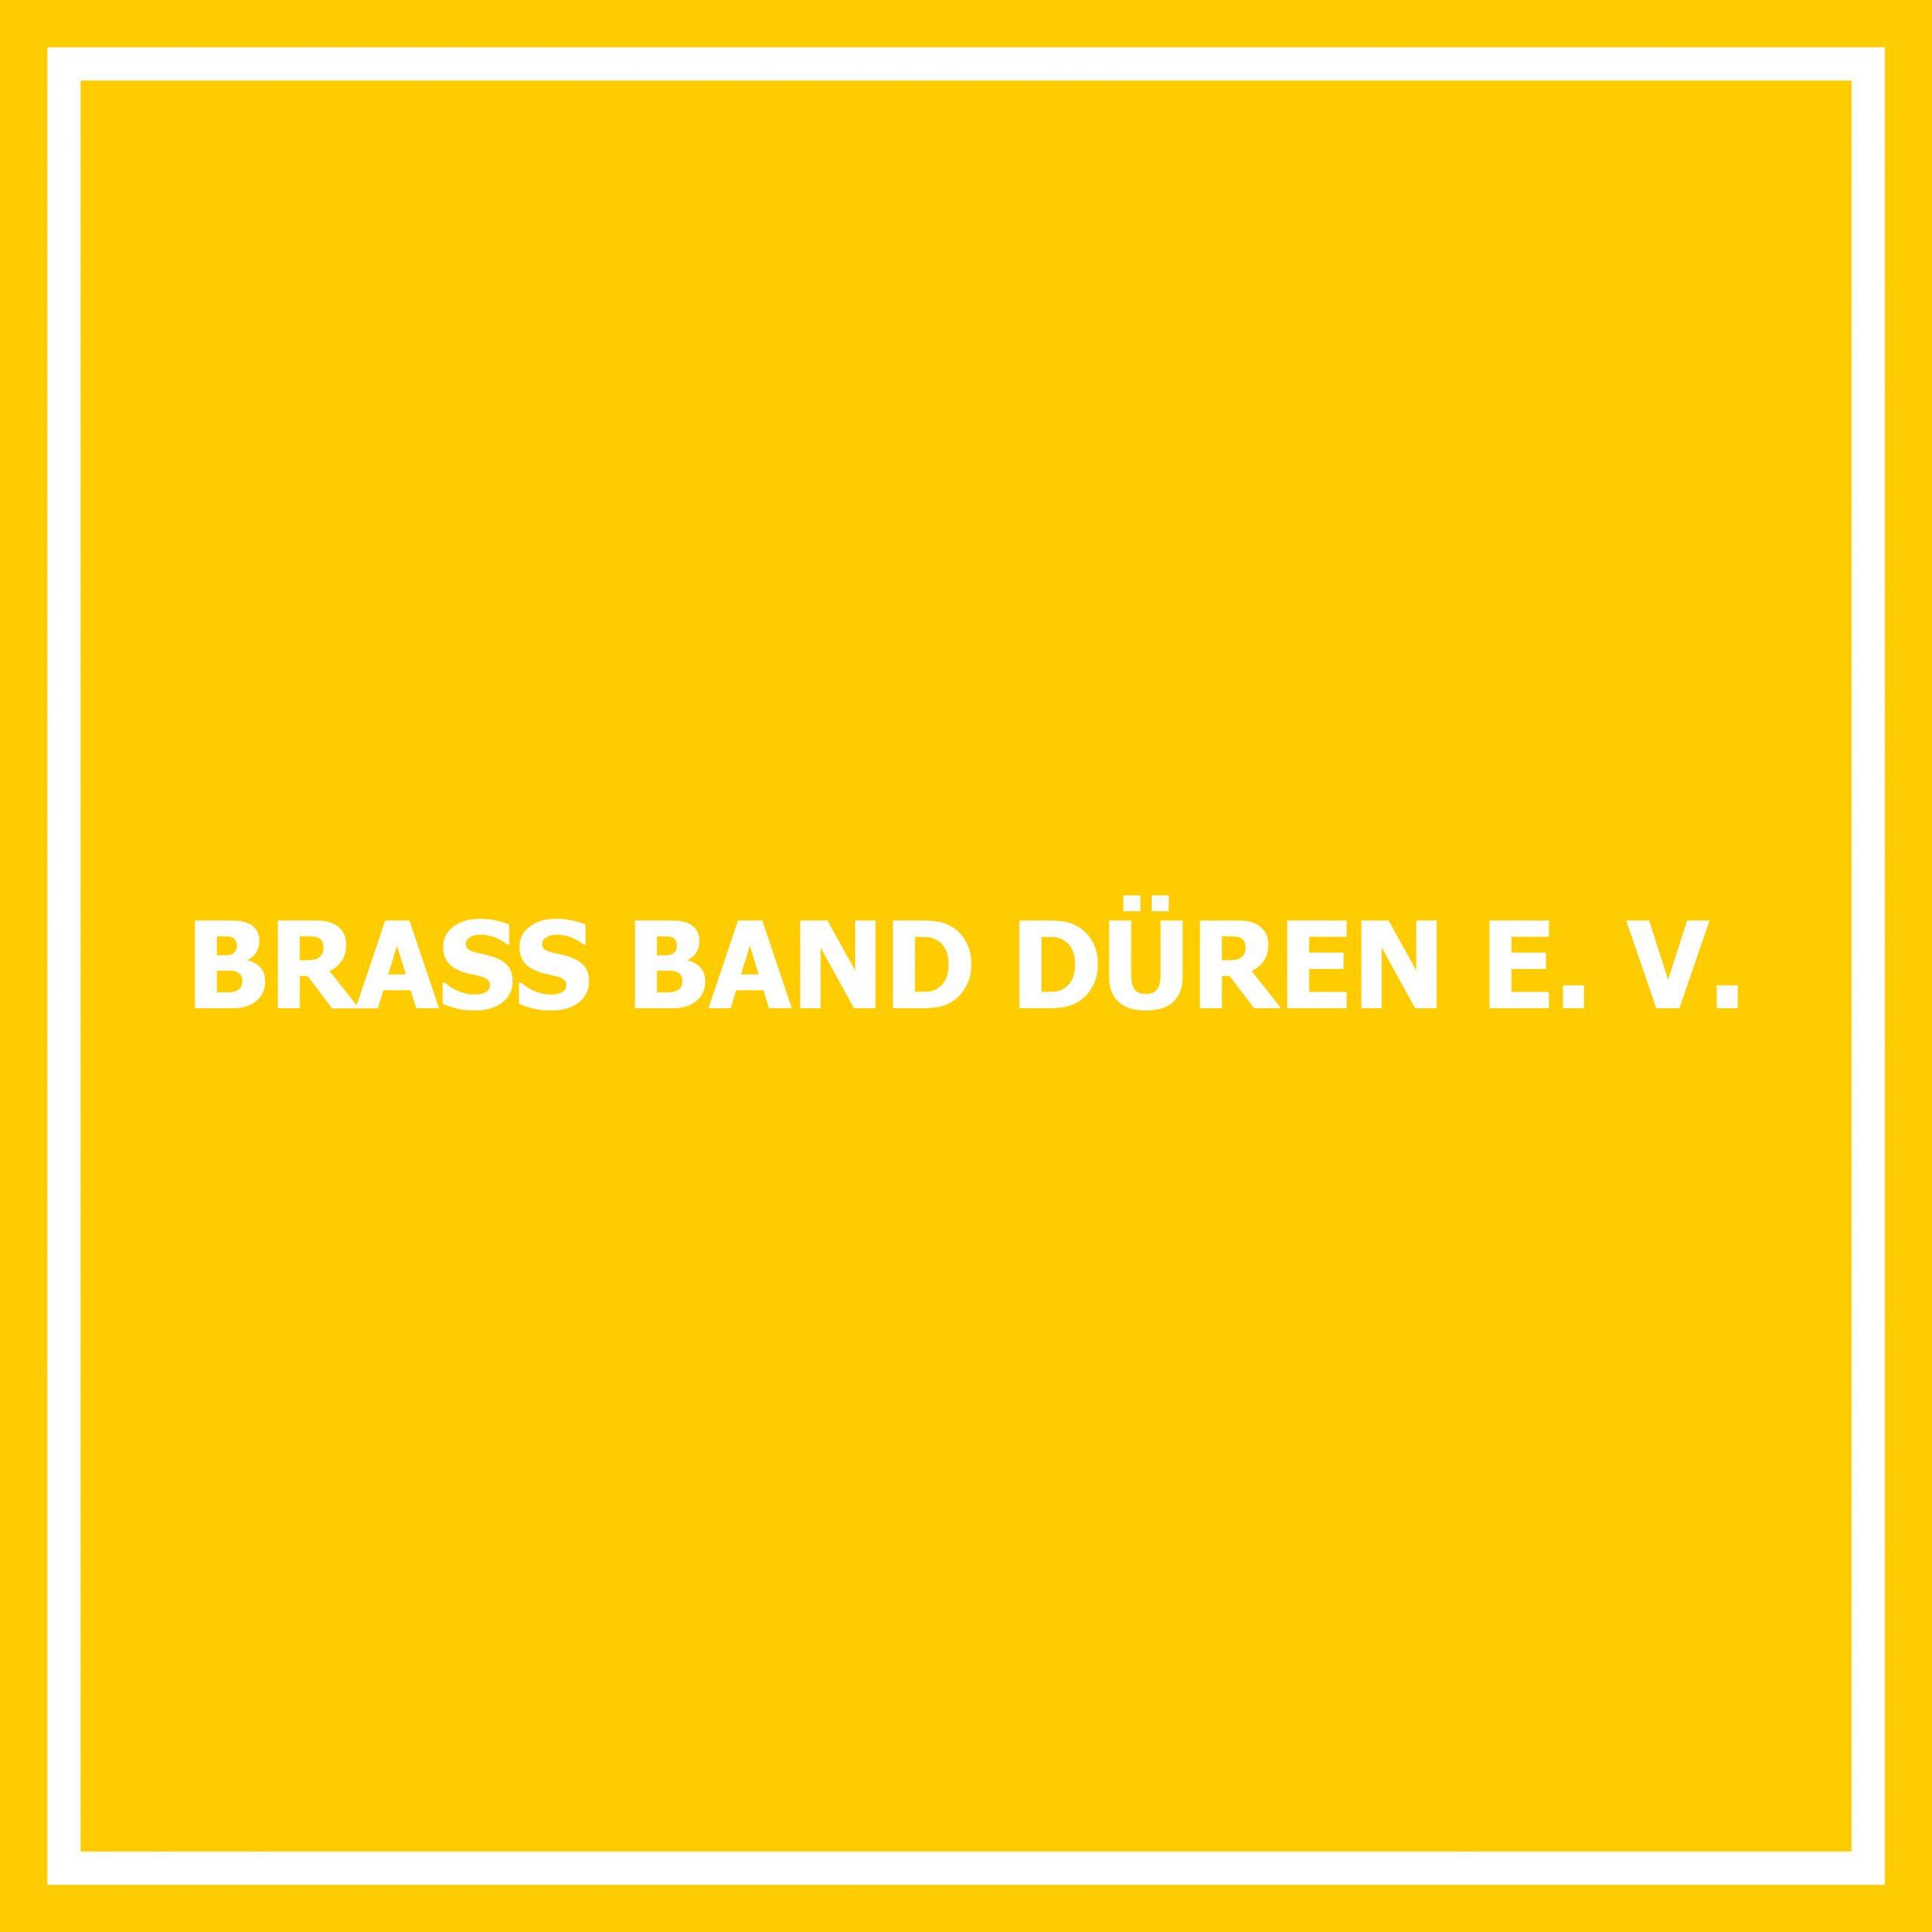 Brass Band Düren e. V.